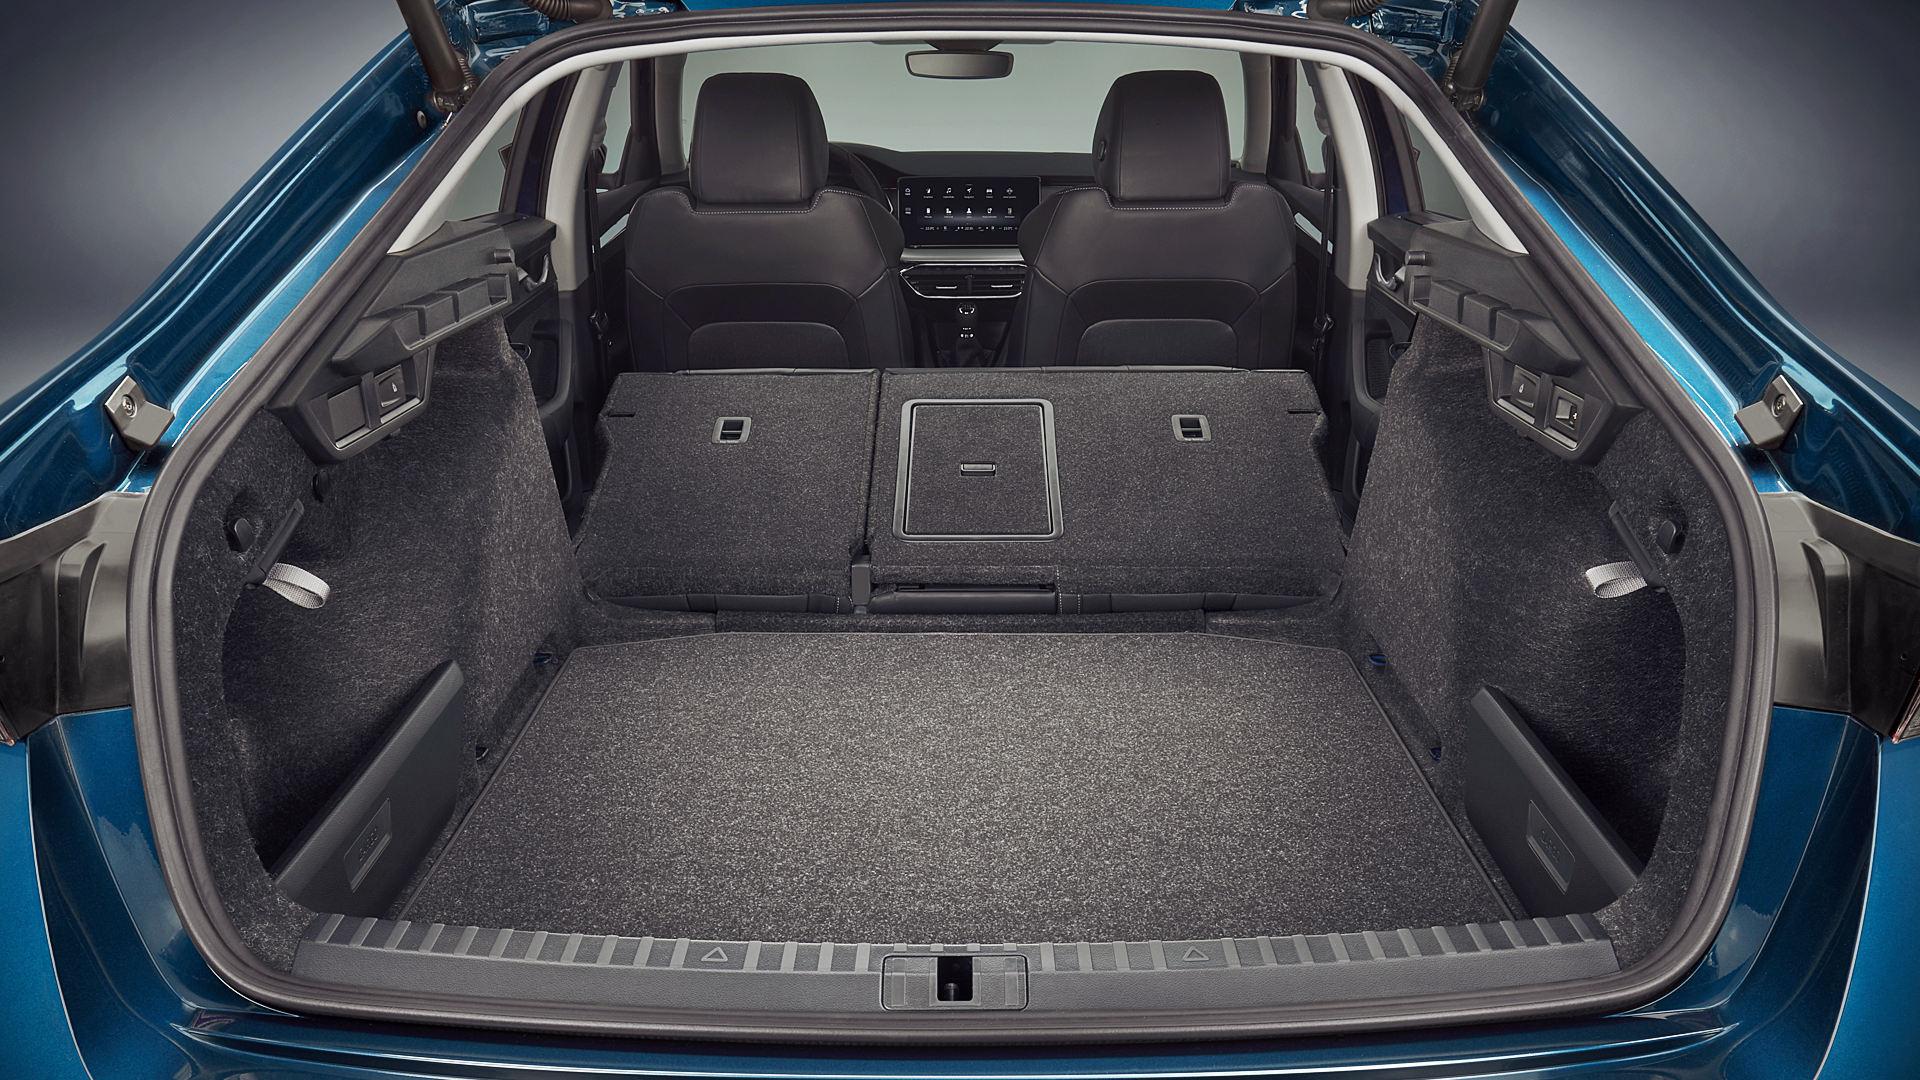 Skoda Octavia RS iV 2020 Trunk Wallpaper